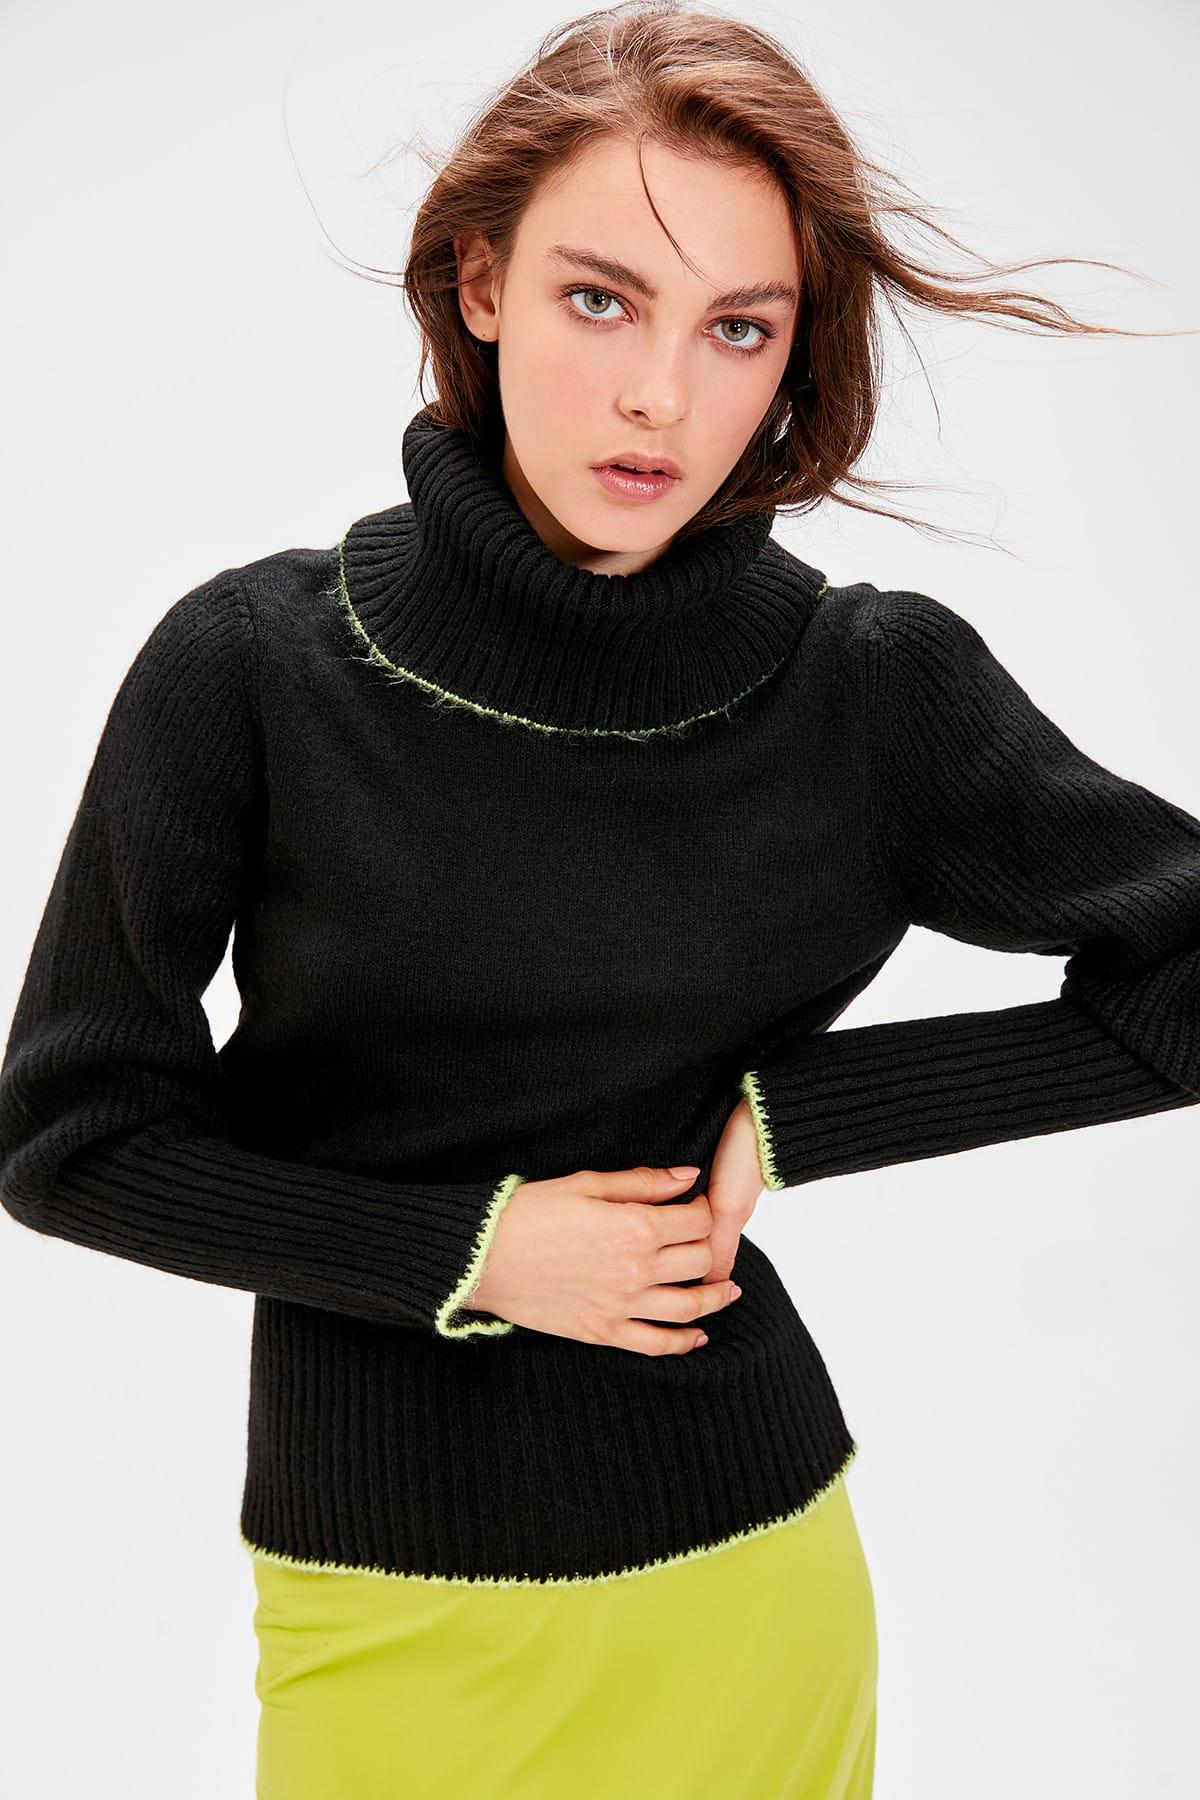 Trendyol Black-Throated Ribbon Detail Sweater Sweater TWOAW20KZ0005